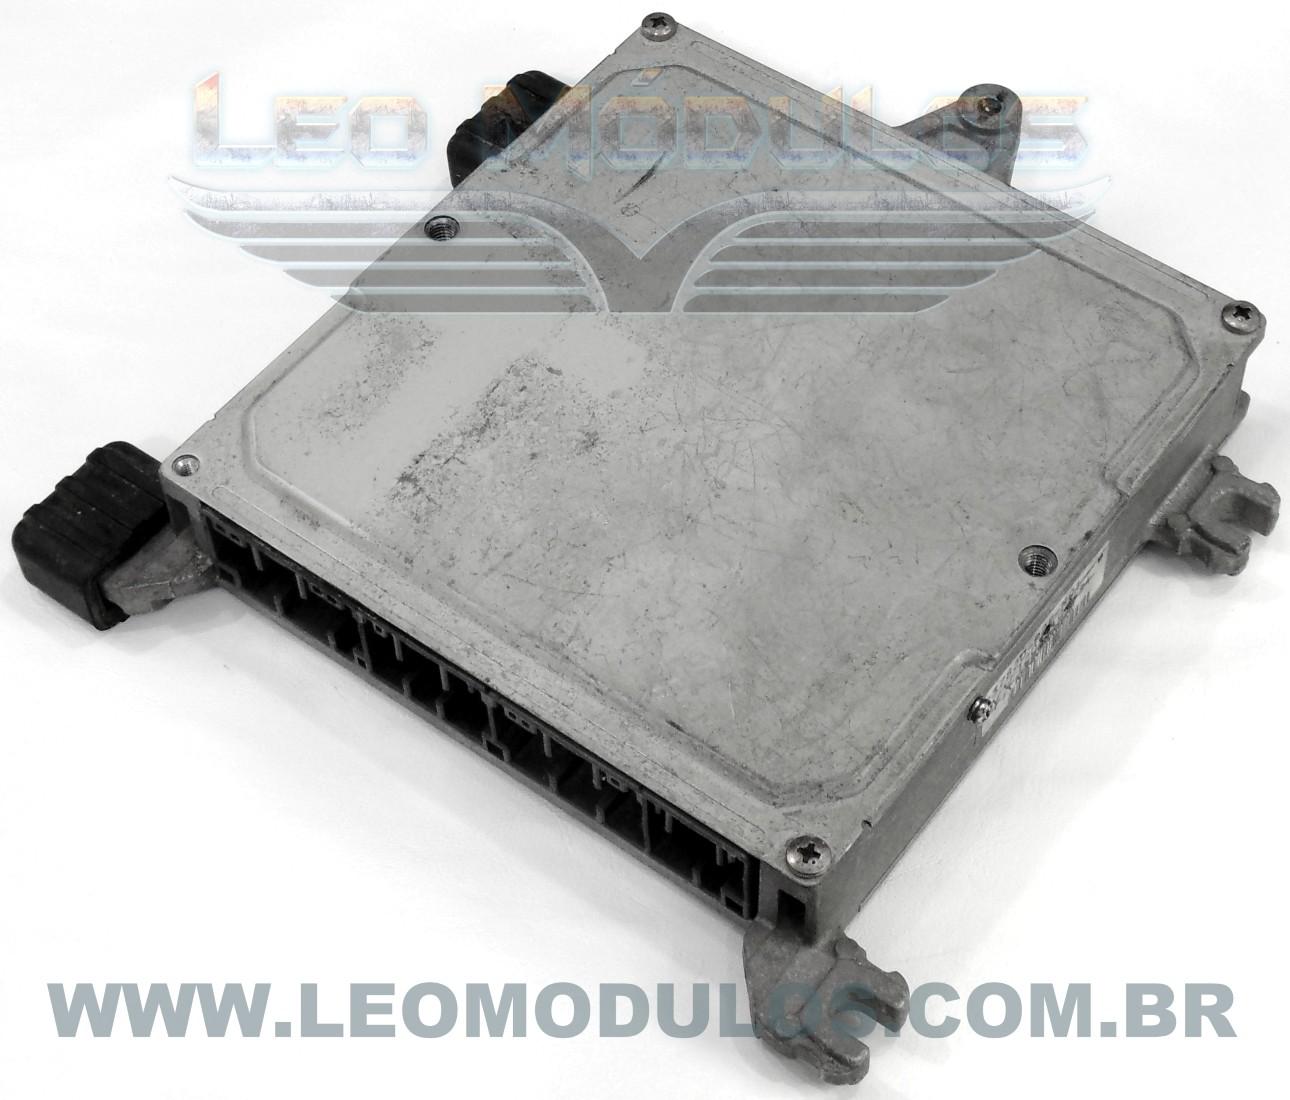 Módulo de injeção Keihin - 37820P2EM91 YX - Honda Civic 1.7 - 37820-P2E-M91 - Leo Módulos